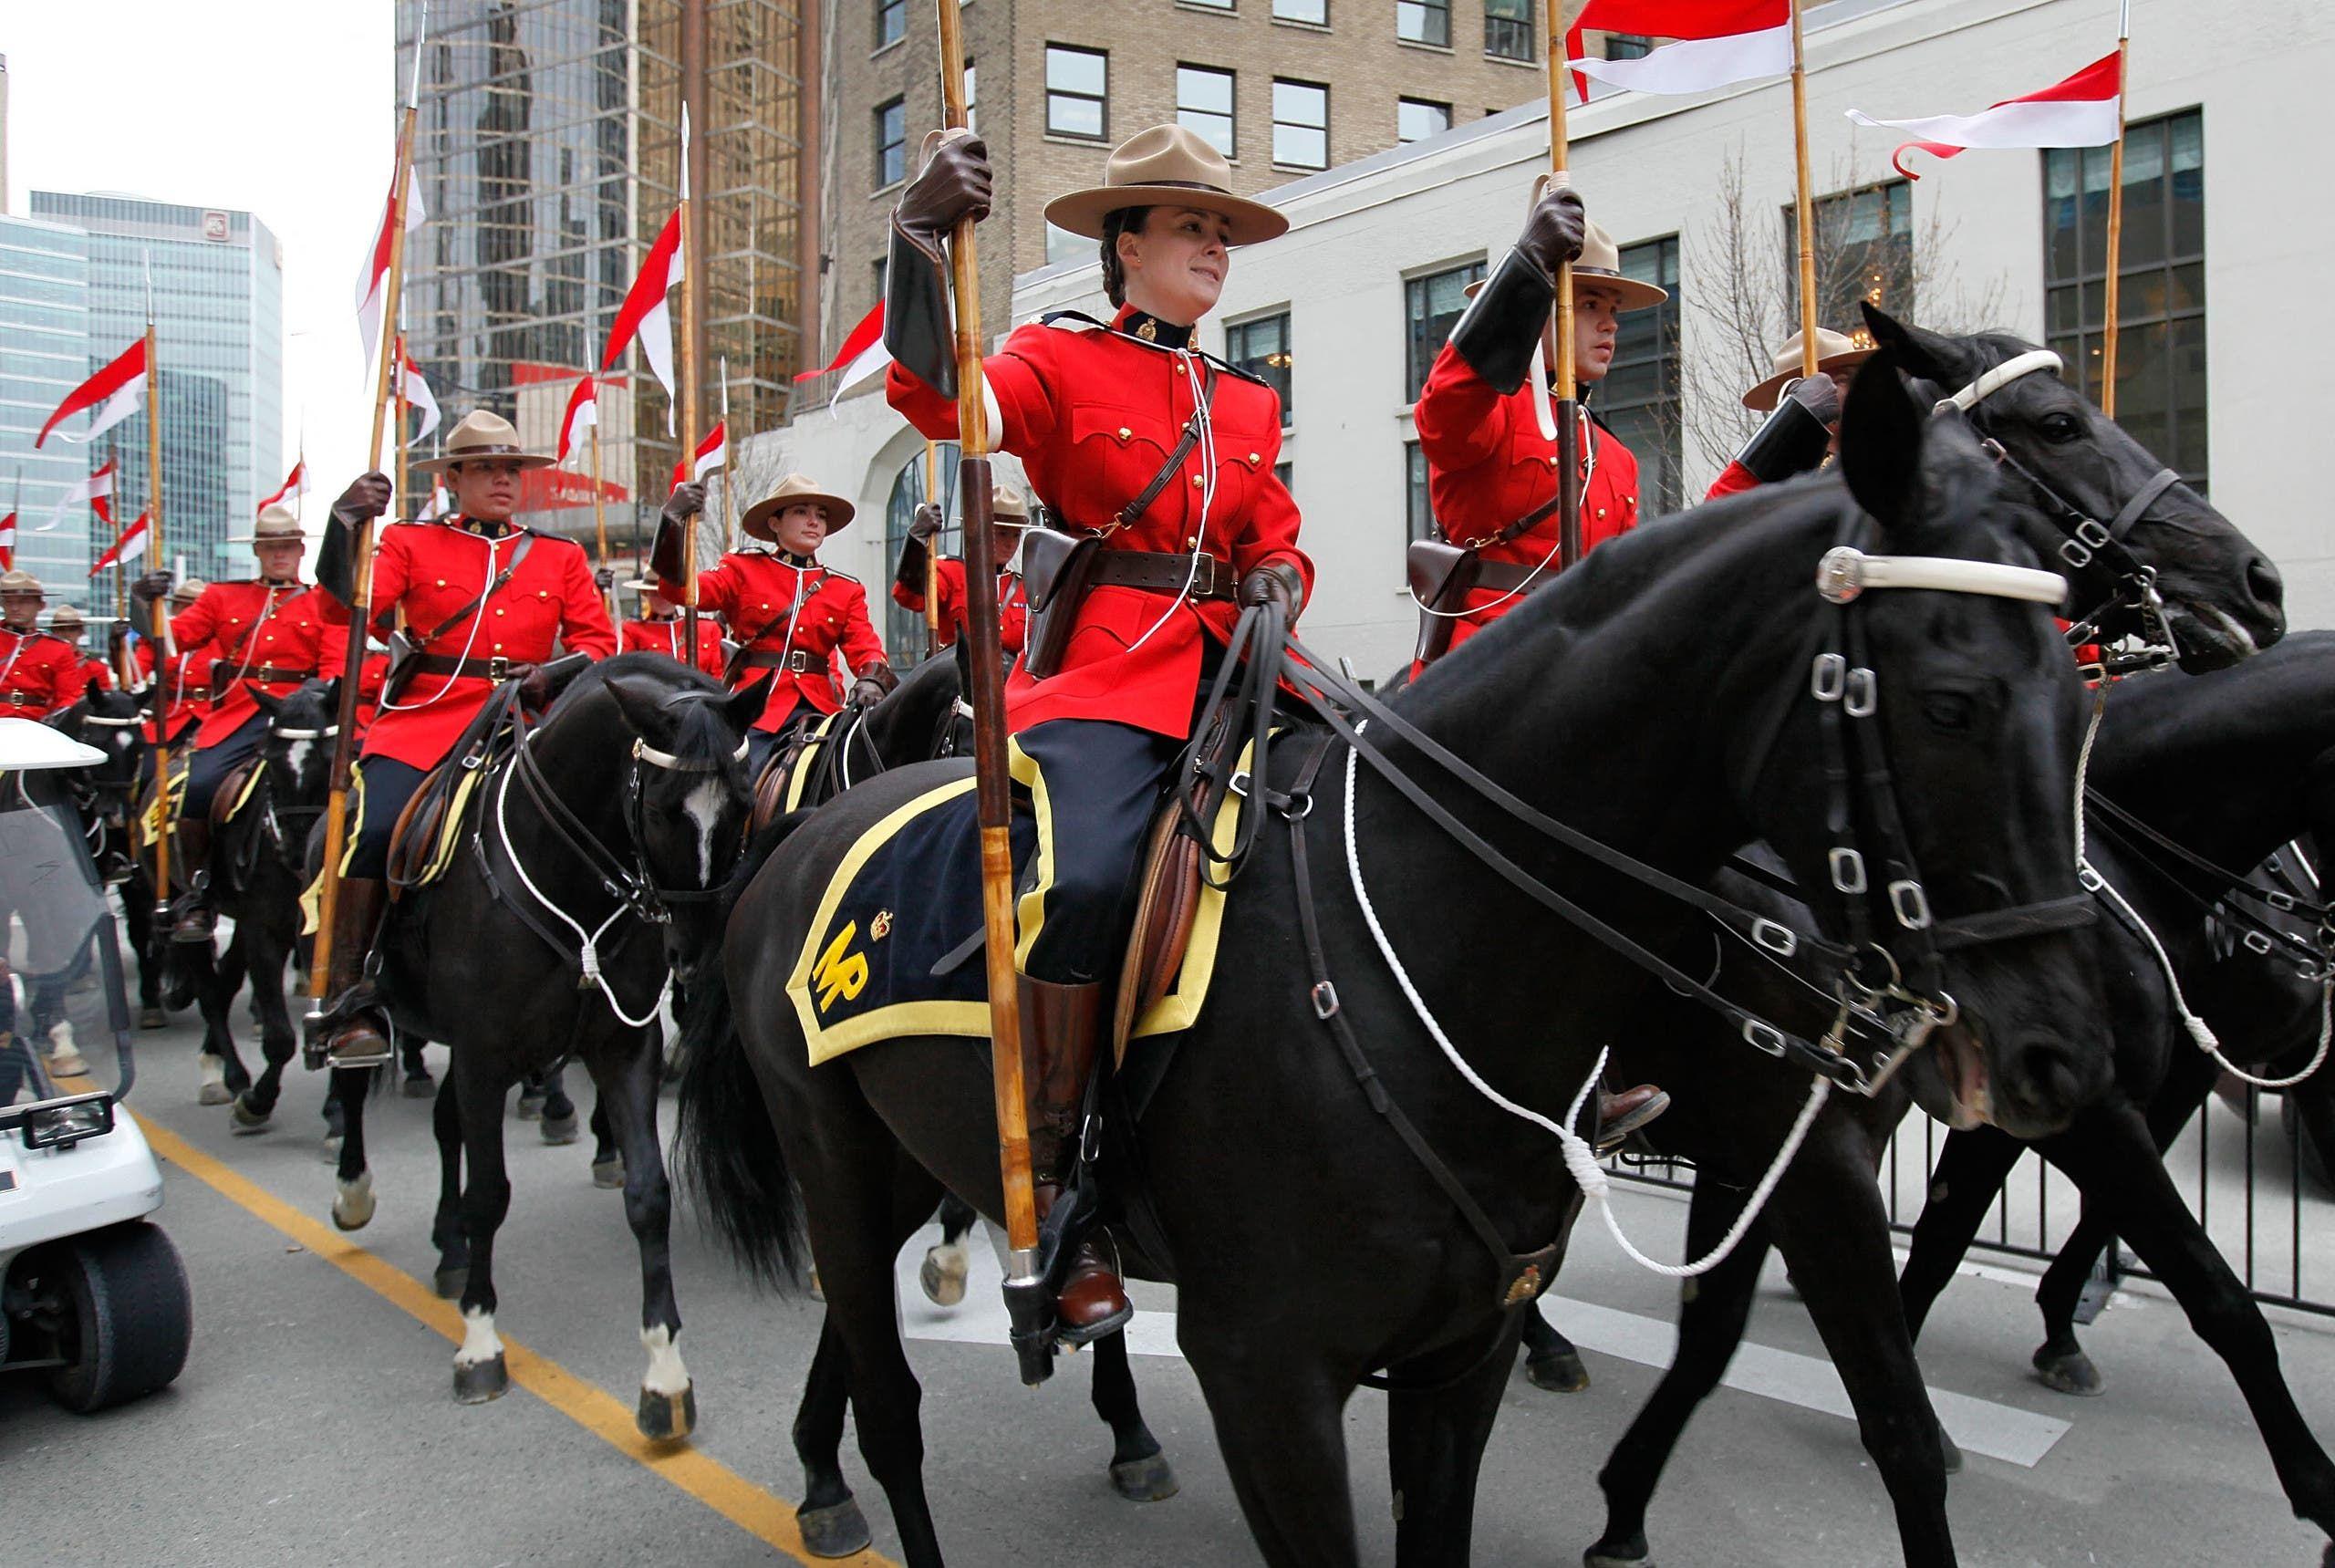 شرطة الخيالة الملكية الكندية (أرشبفية)